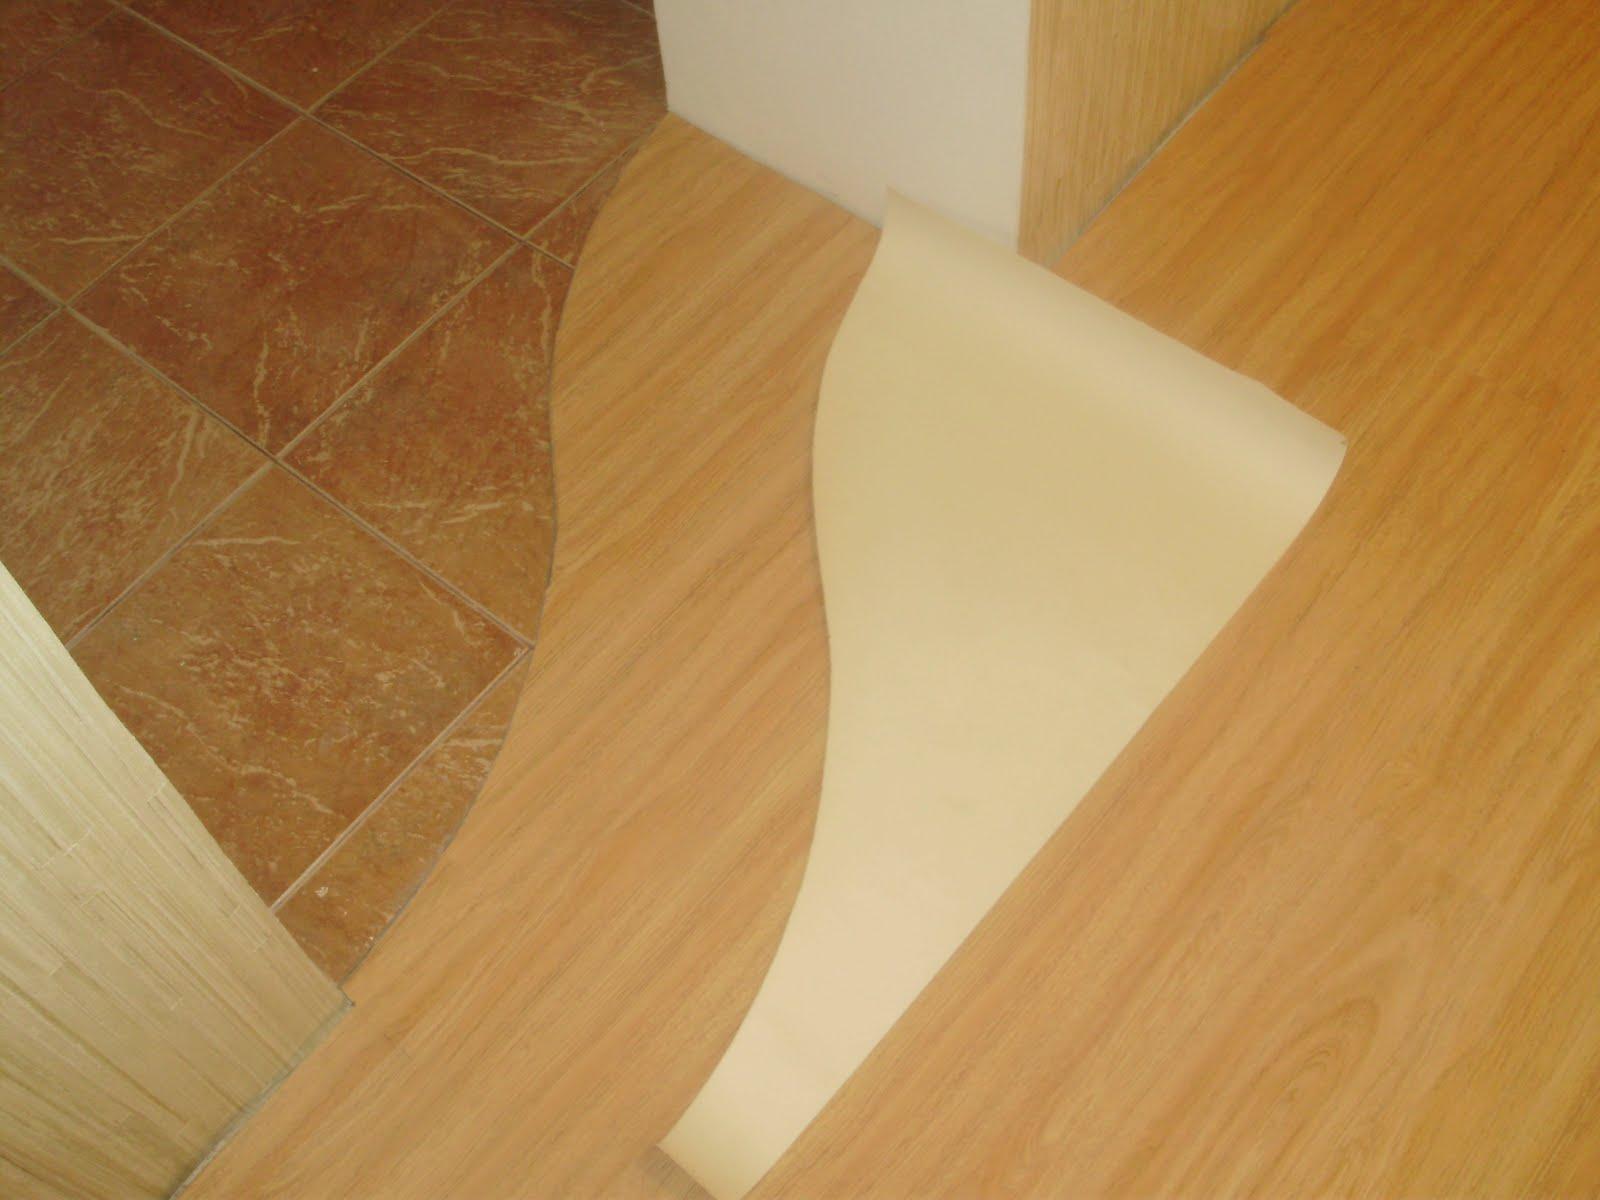 Как сделать переход от плитки к линолеуму с разницей в высоте